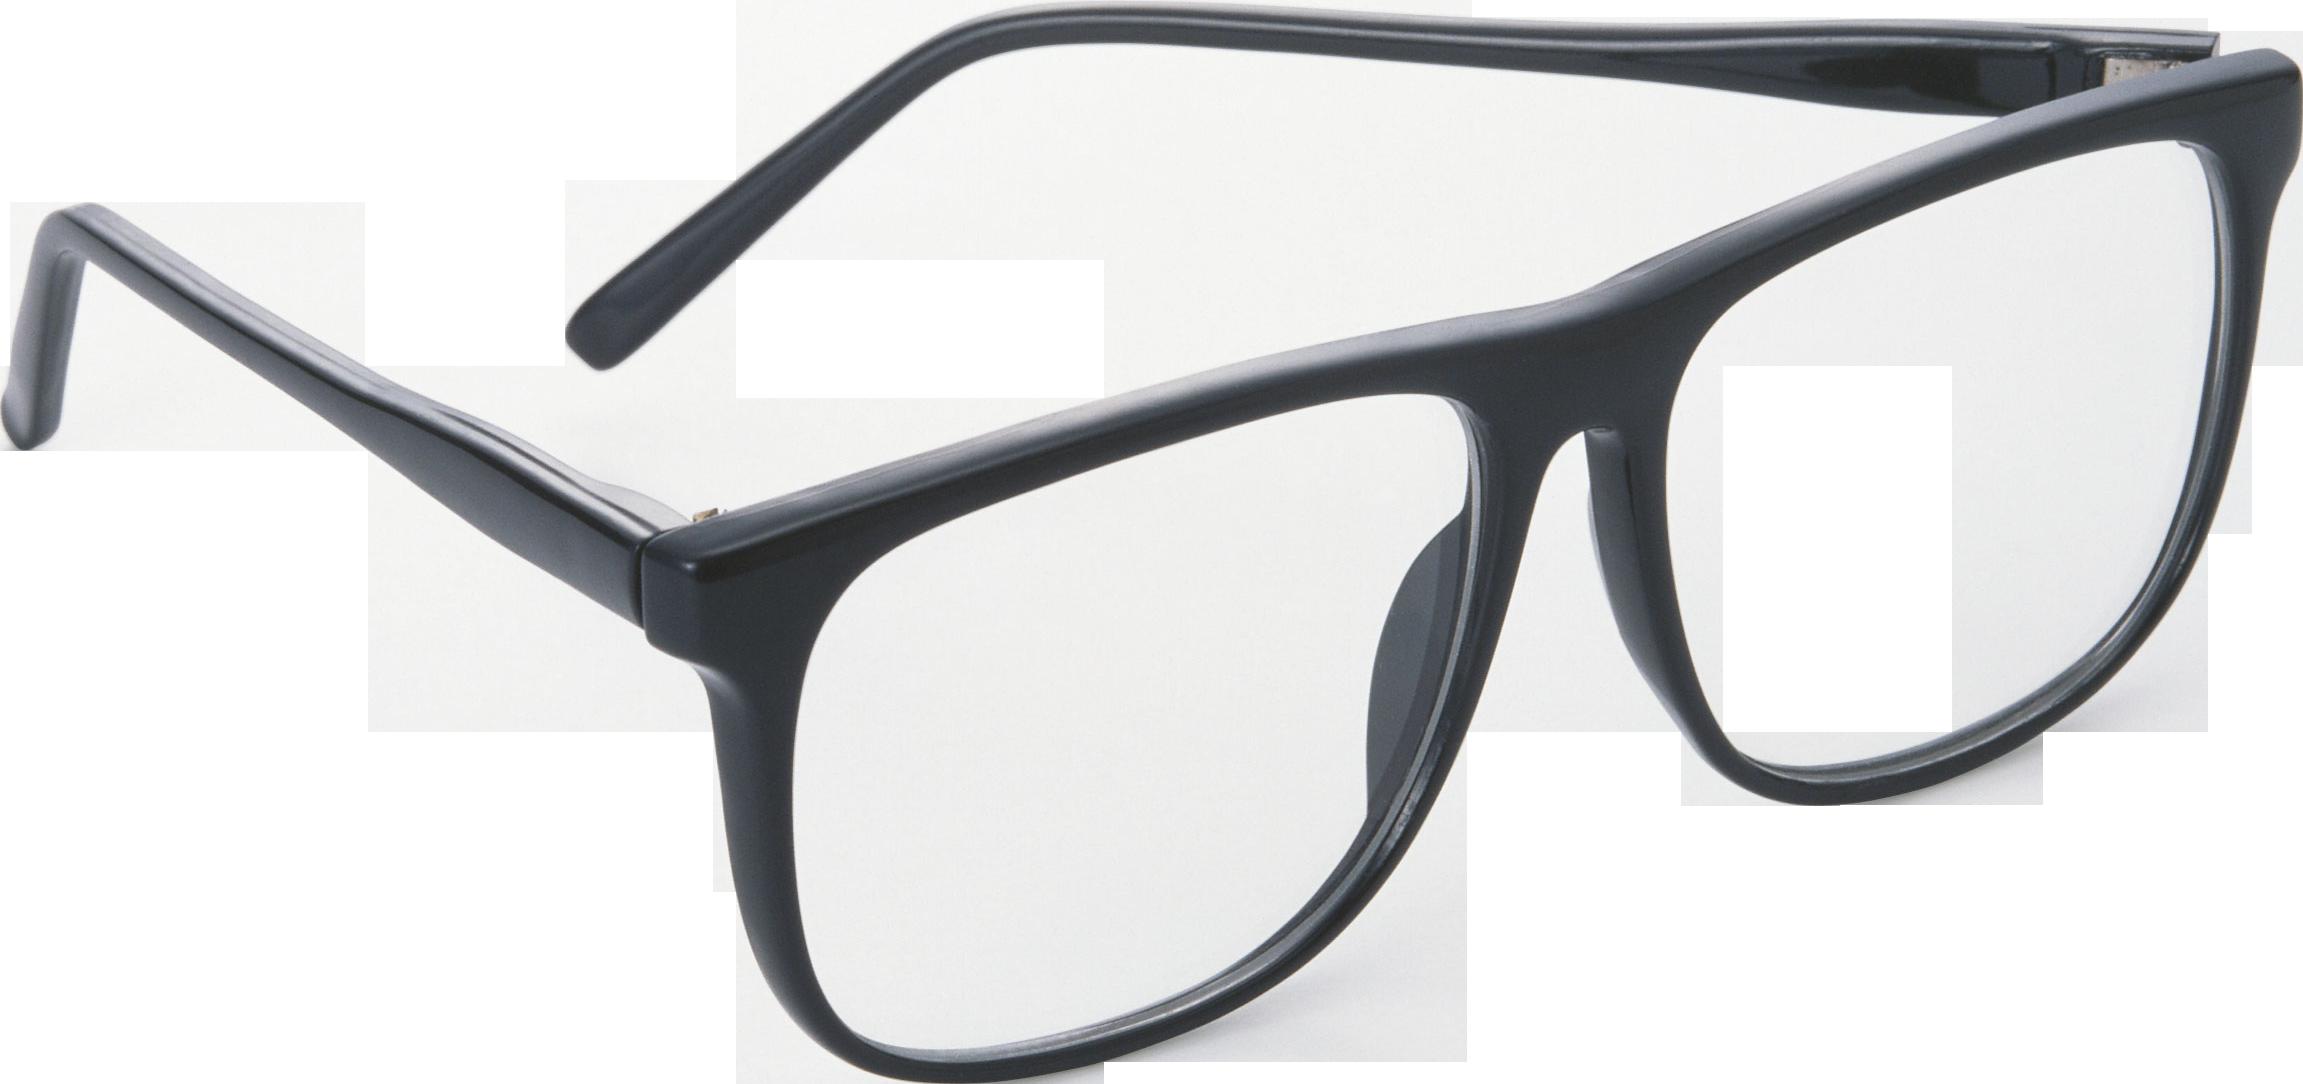 Glasses PNG - 13760